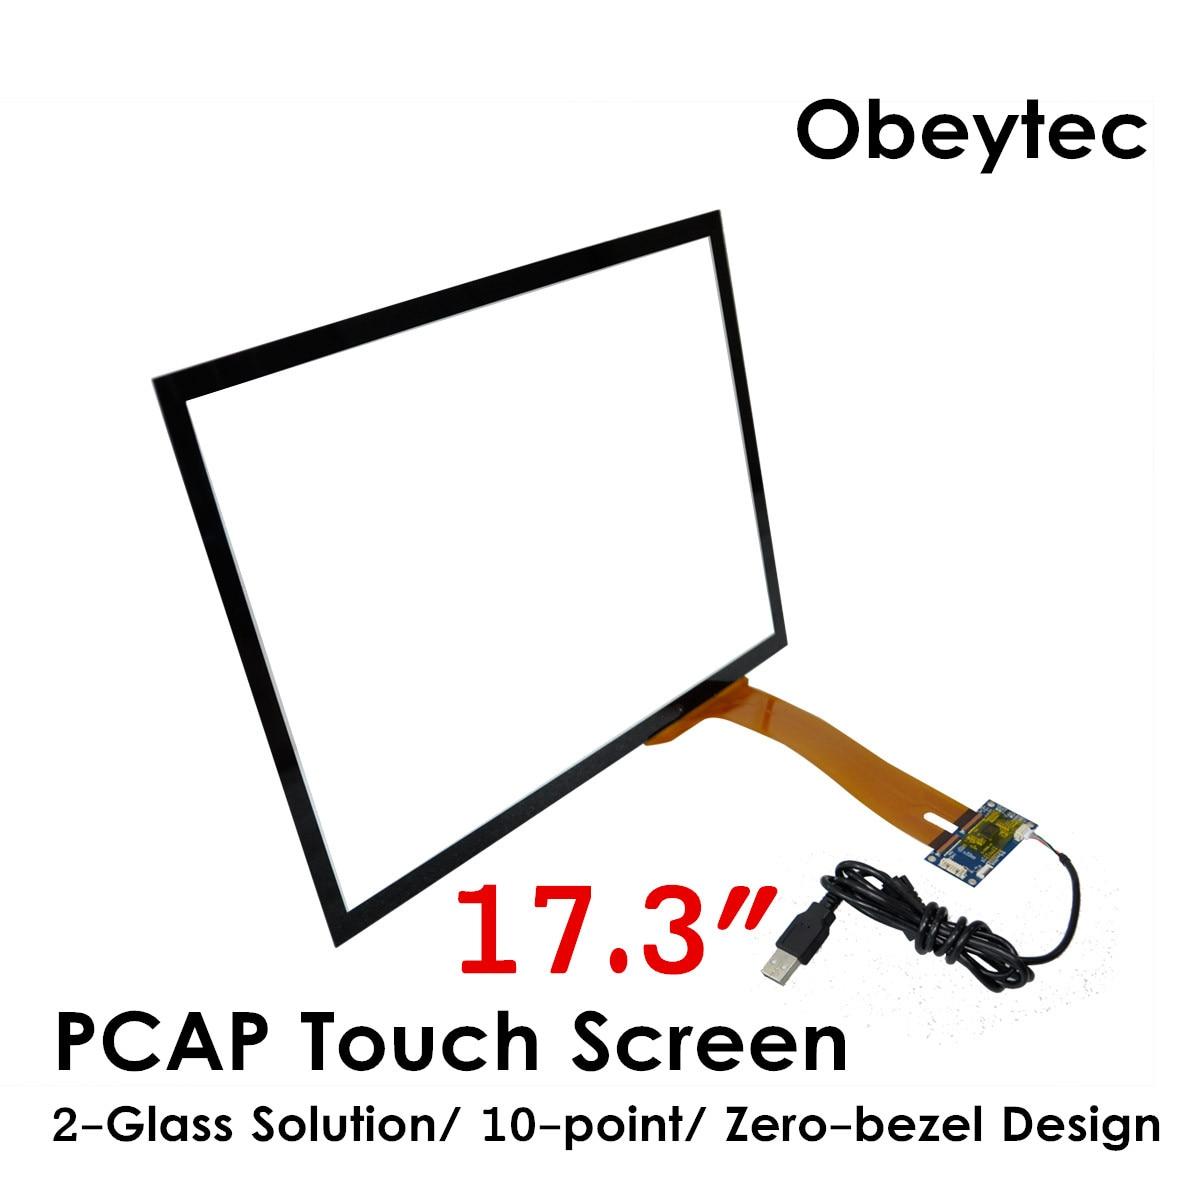 Obeytec 17,3 PCAP, Проектируемый емкостный сенсорный датчик, 10 точек касания, высокая прочность касания, долгосрочная стабильность, usb порт